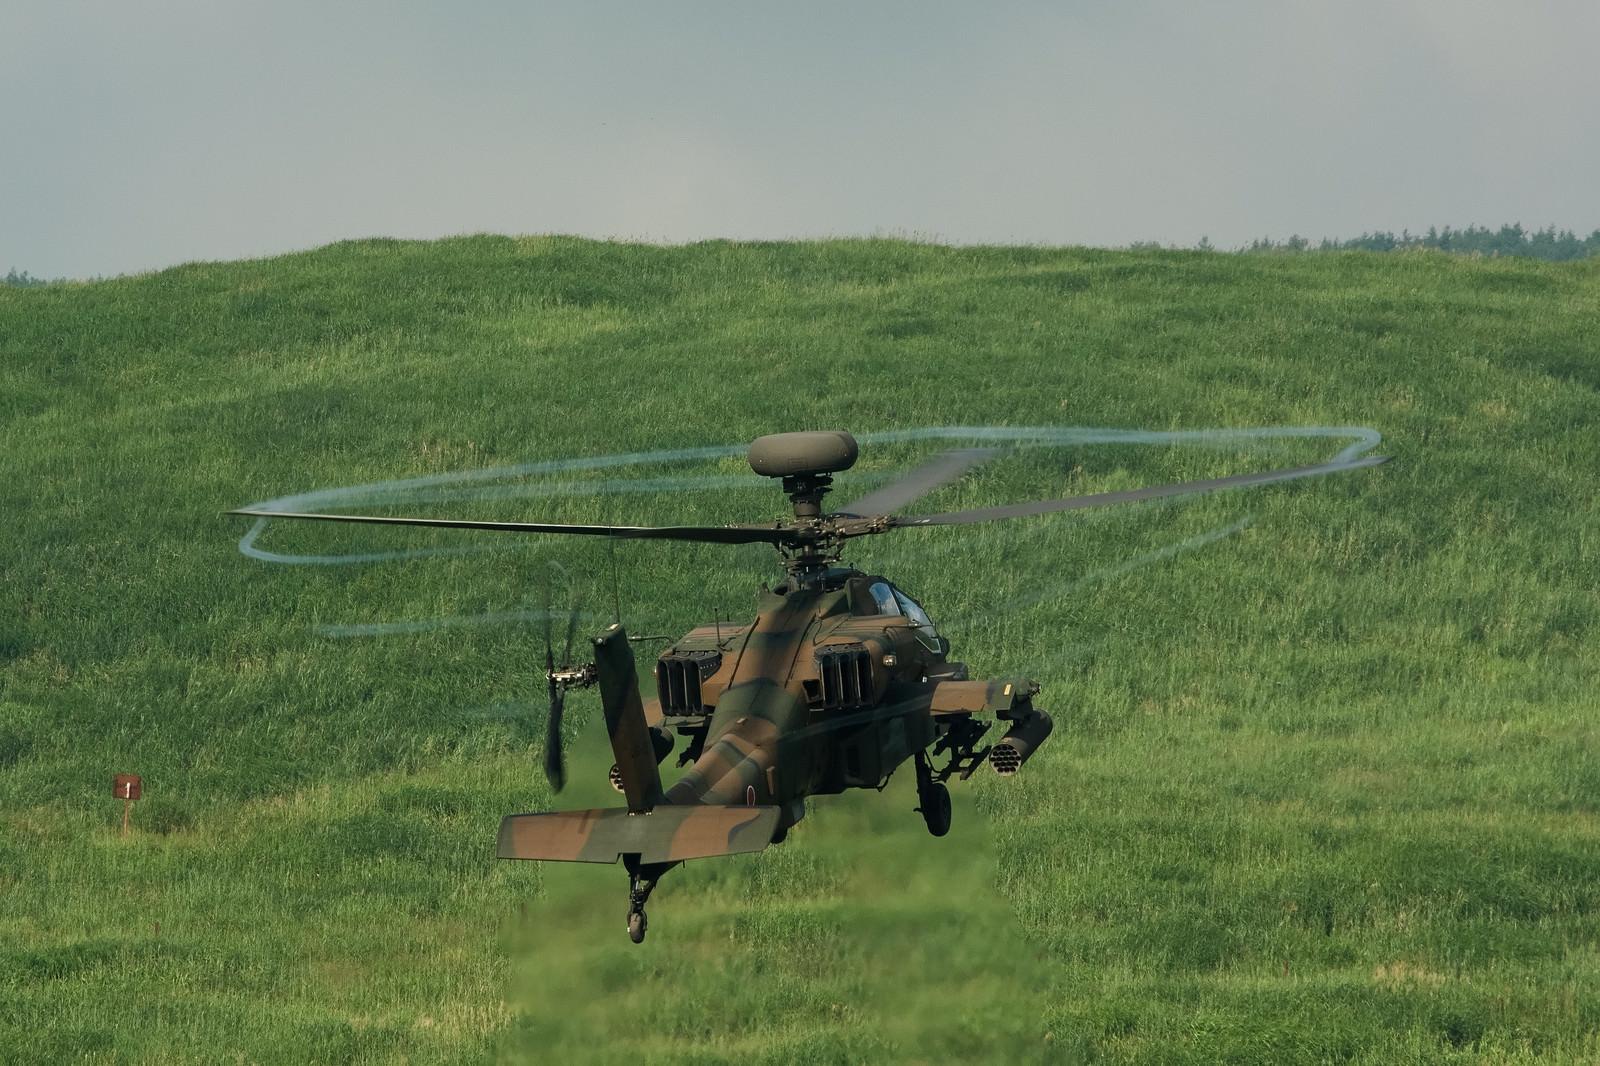 「富士総合火力演習アパッチ(AH-64)富士総合火力演習アパッチ(AH-64)」のフリー写真素材を拡大